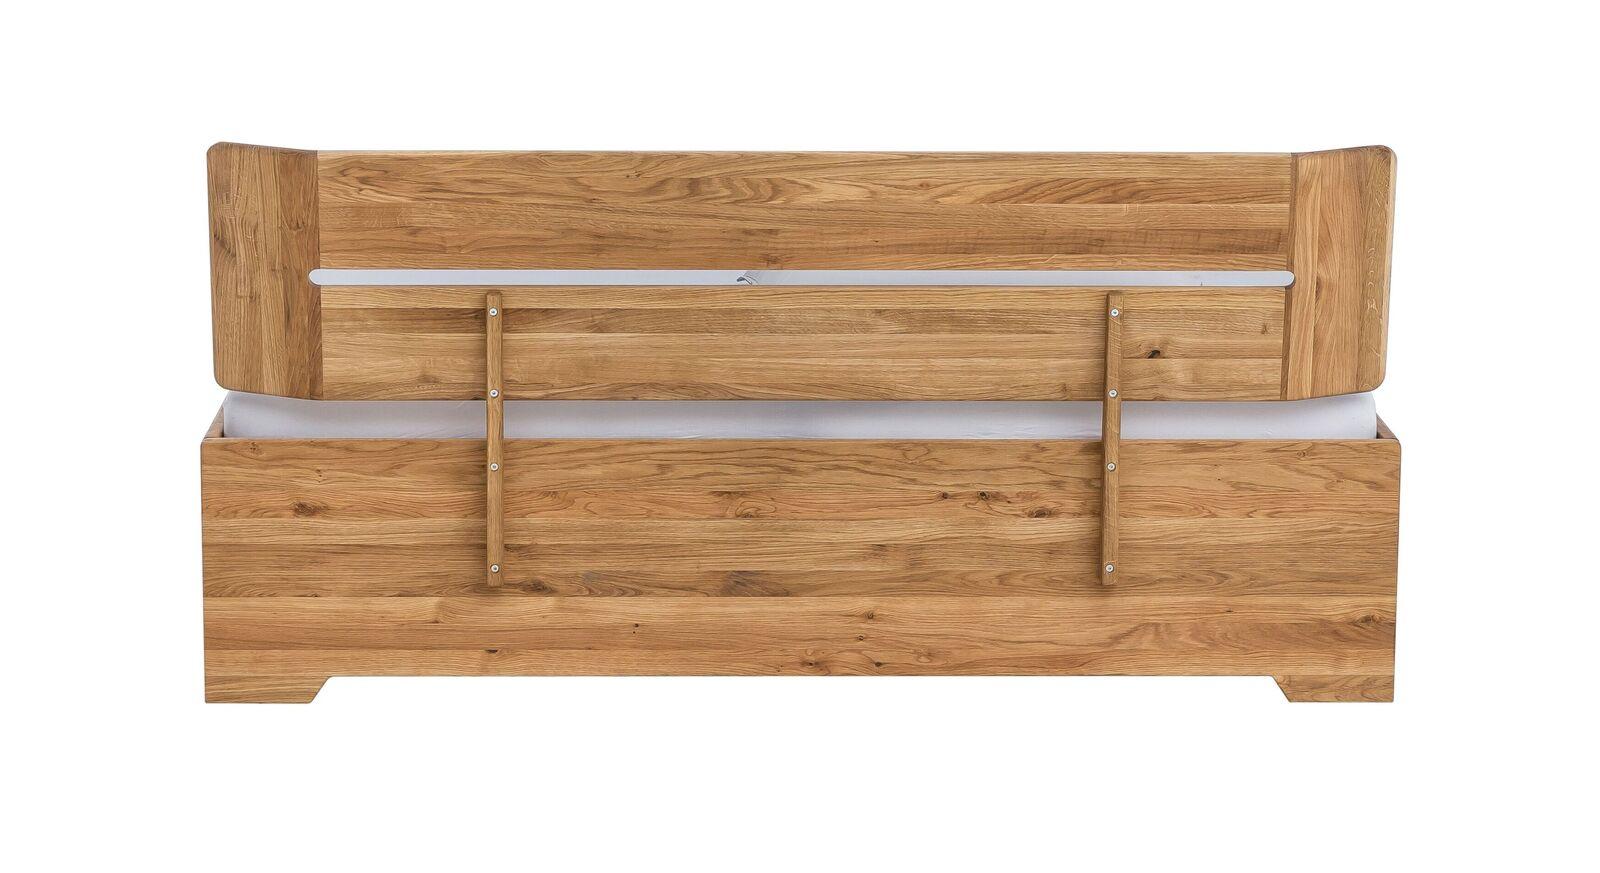 Bett Bekan aus natur geöltem Wildeichenholz